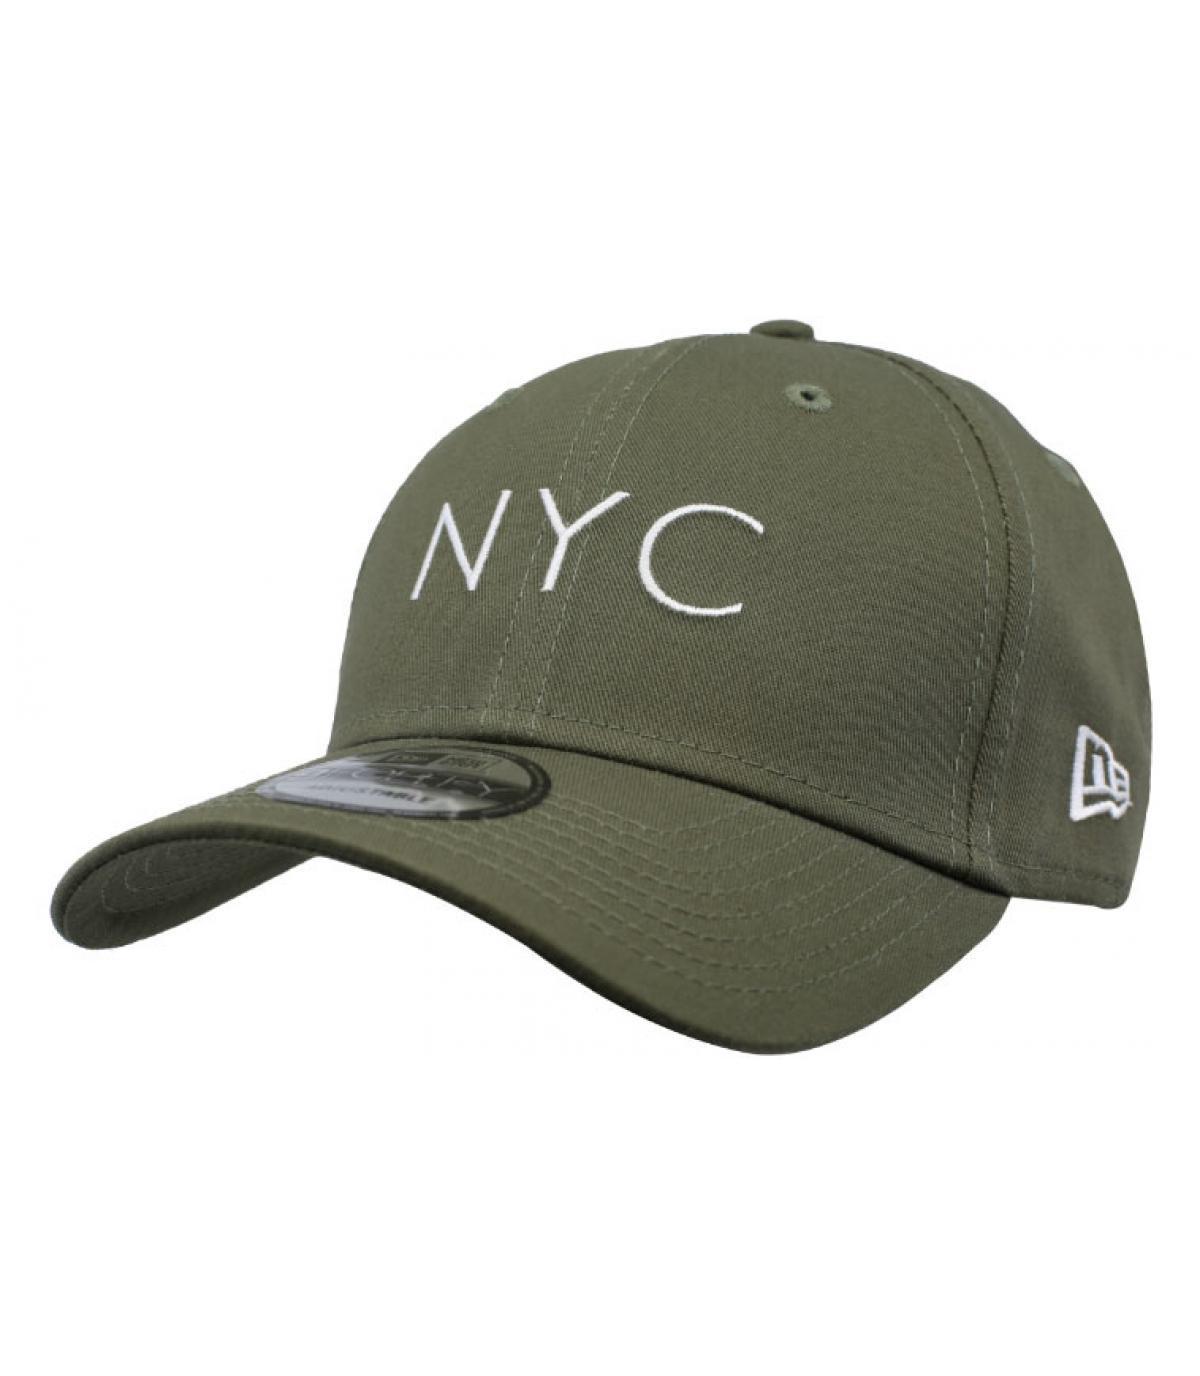 Details NYC NE Ess 9Forty olive - afbeeling 2